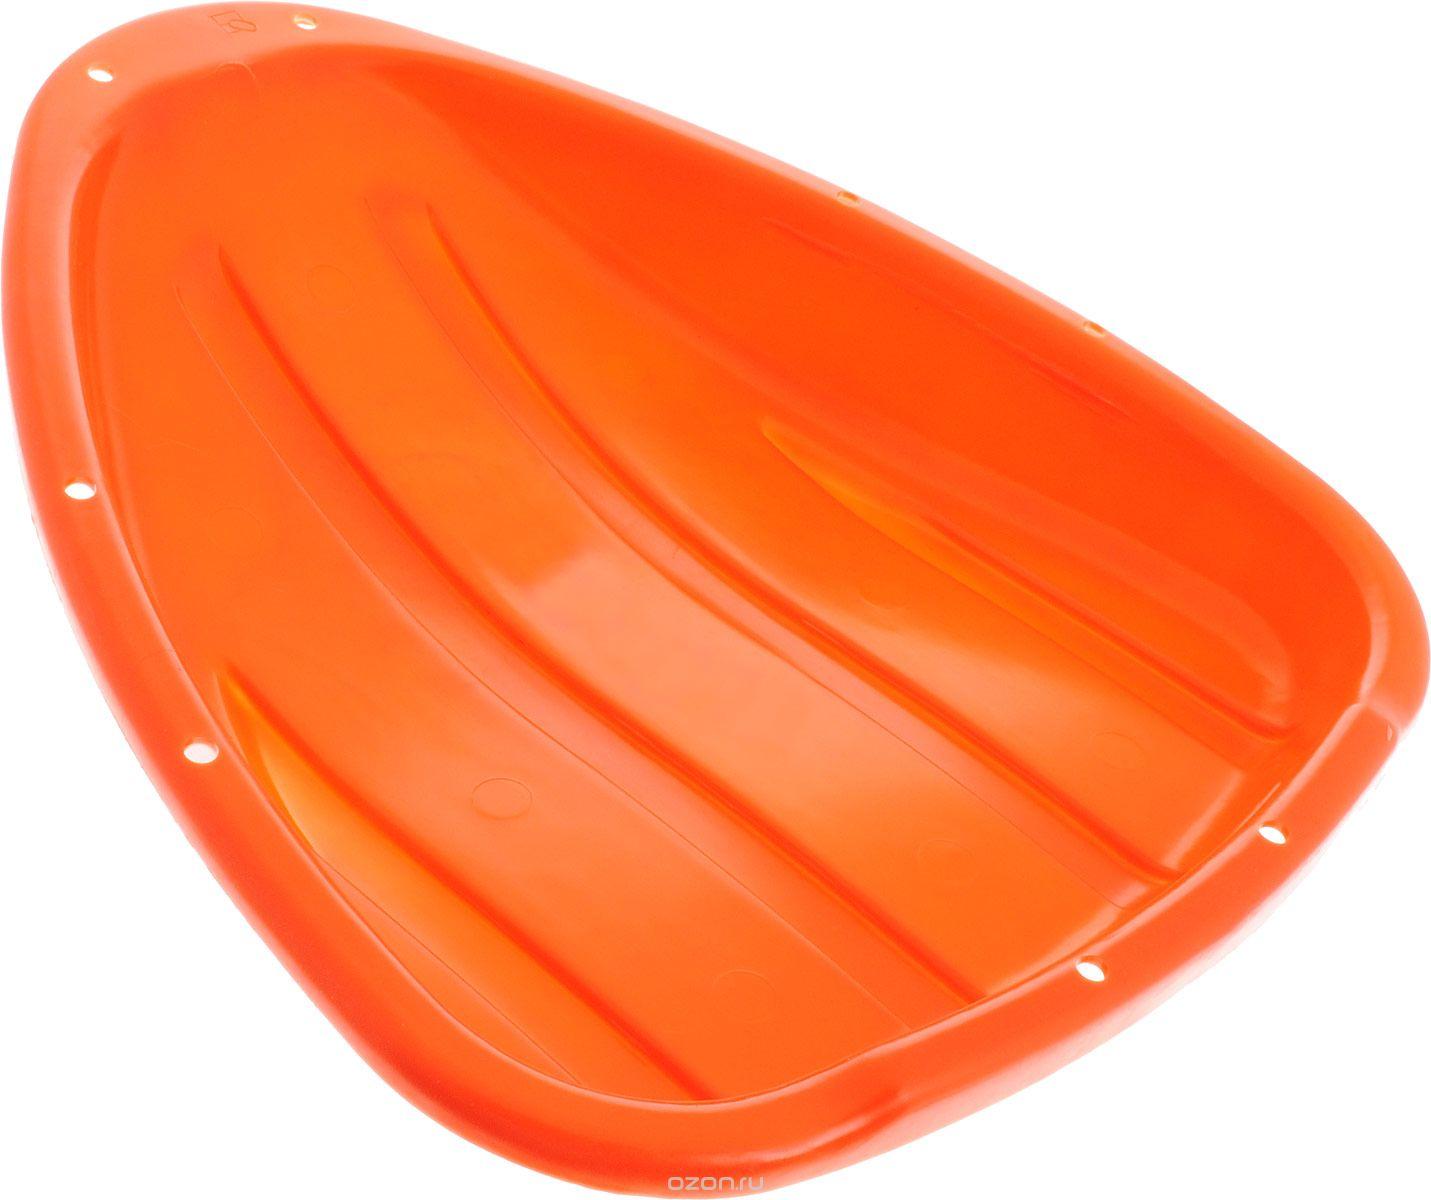 Фея Ледянка Ветерок цвет оранжевый826228_оранжевыйВсе дети любят зимой кататься с горки. Яркая ледянка Ветерок станет незаменимым атрибутом этой веселой детской игры. Ледянка выполнена из прочного пластика, а их конфигурация позволяет удобно сидеть и развивать лучшую скорость.Благодаря малому весу эти салазки, в отличие от санок, легко нести с собой даже ребенку. На ледянке есть специальное отверстие, в которое можно продеть веревочку.Зимние игры на свежем воздухе. Статья OZON Гид